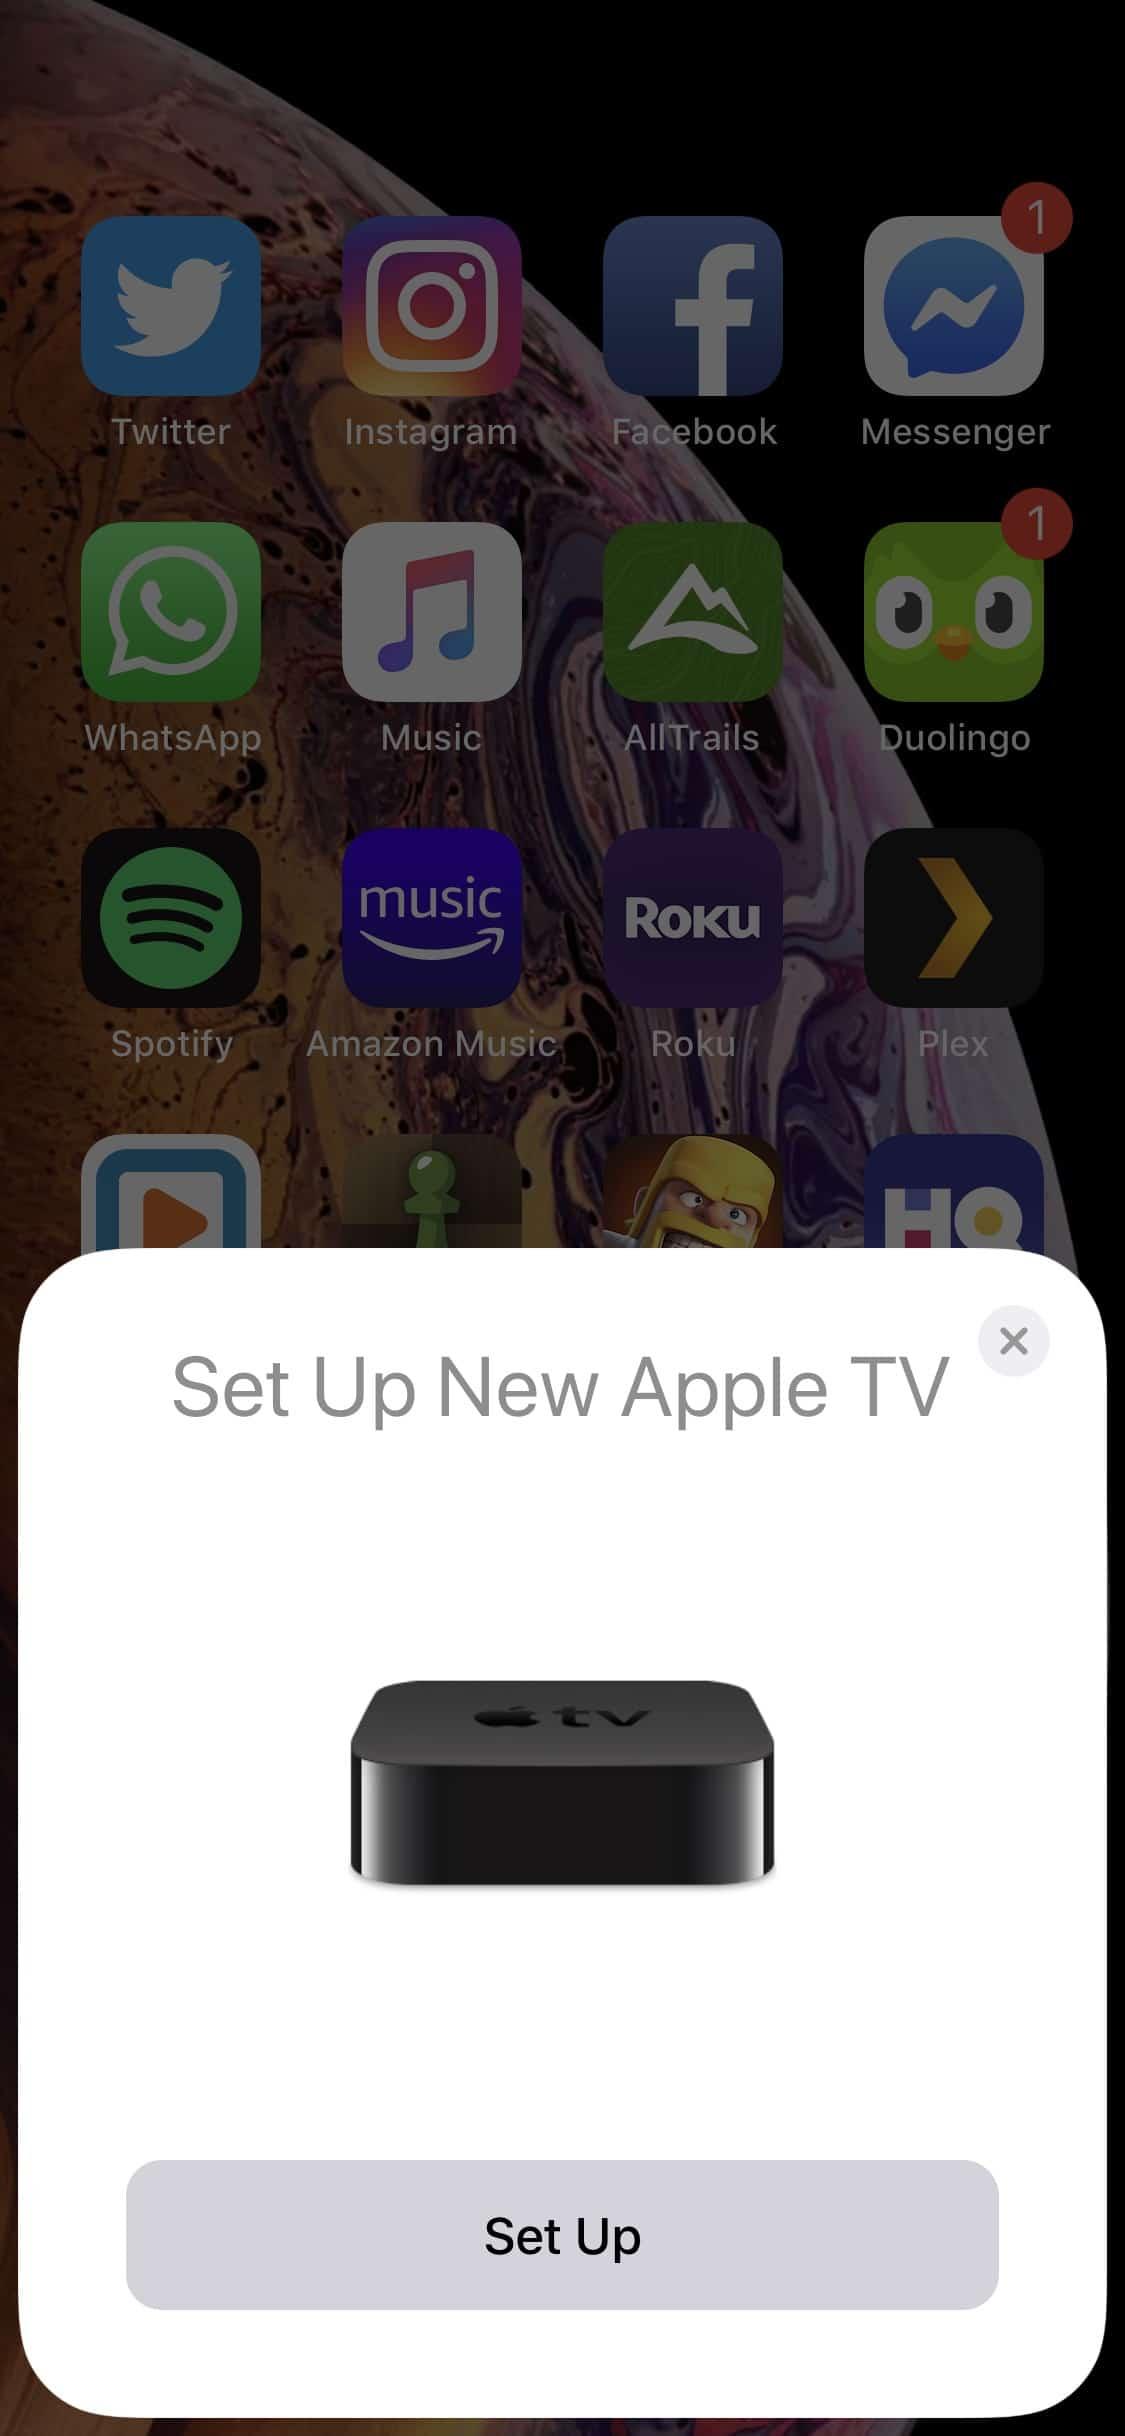 Set up Apple TV 4K on iOS